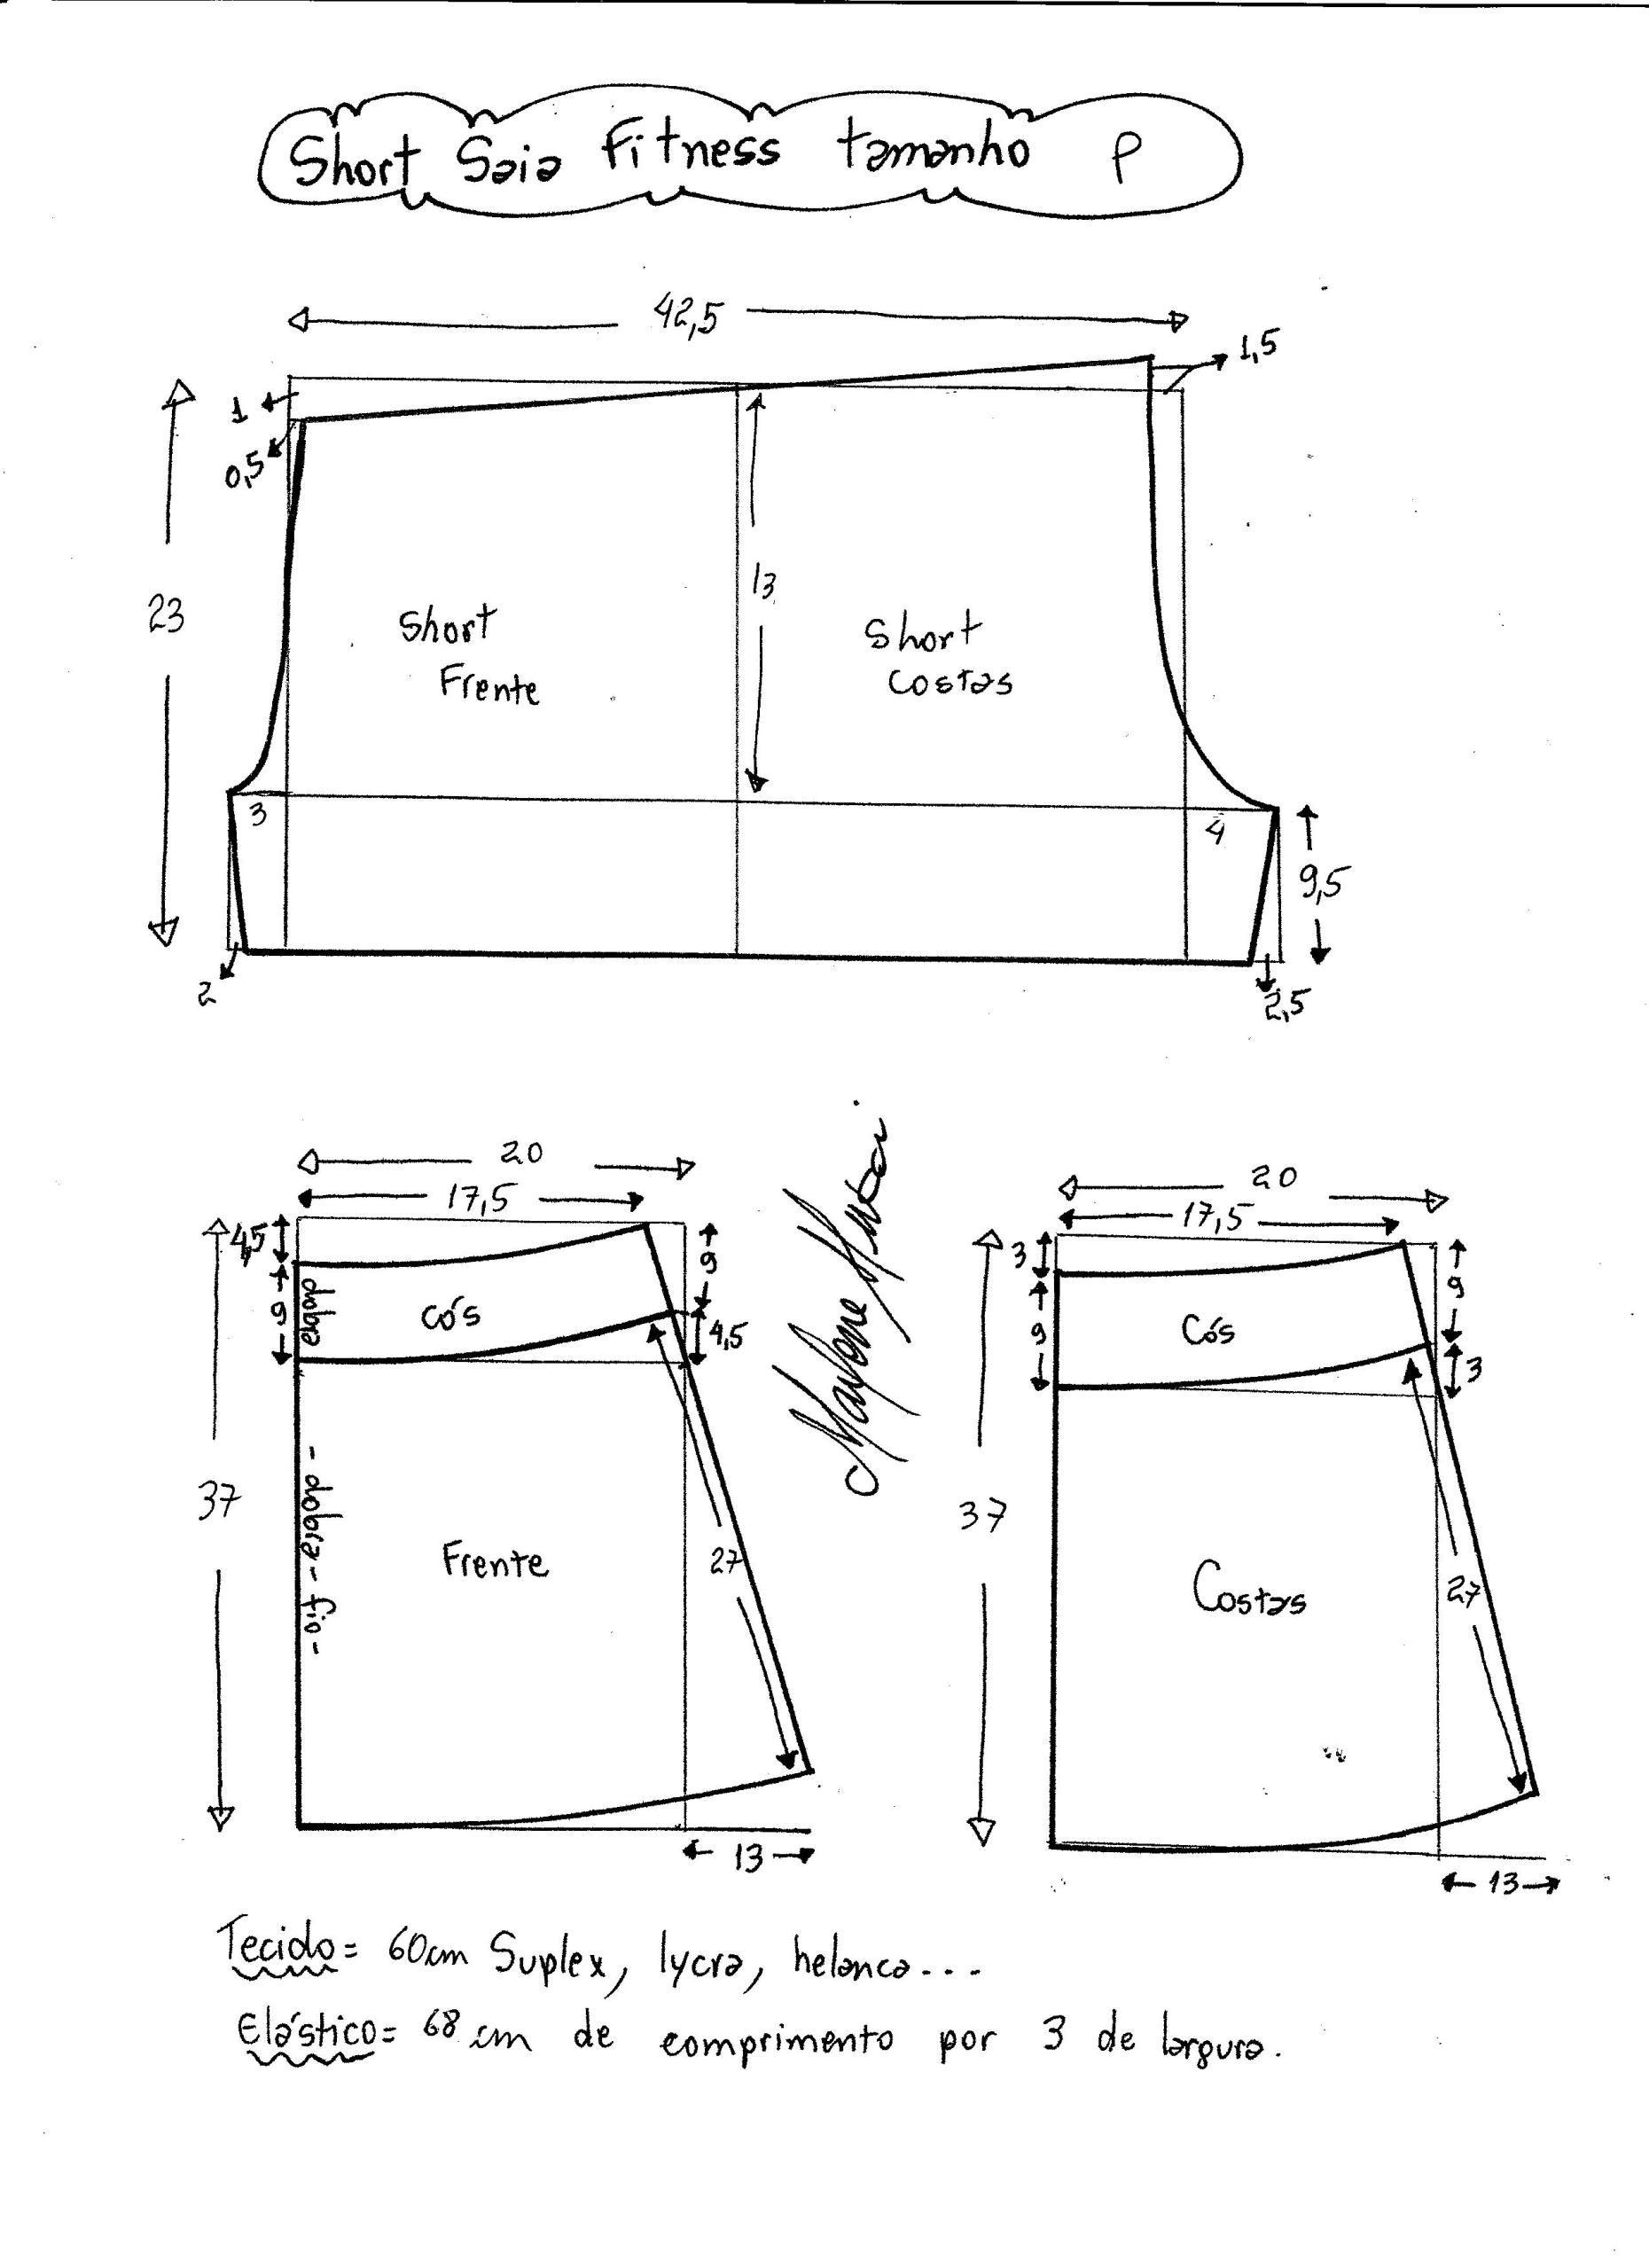 Esquema de modelagem de short saia fitness tamanho P. | pattern ...